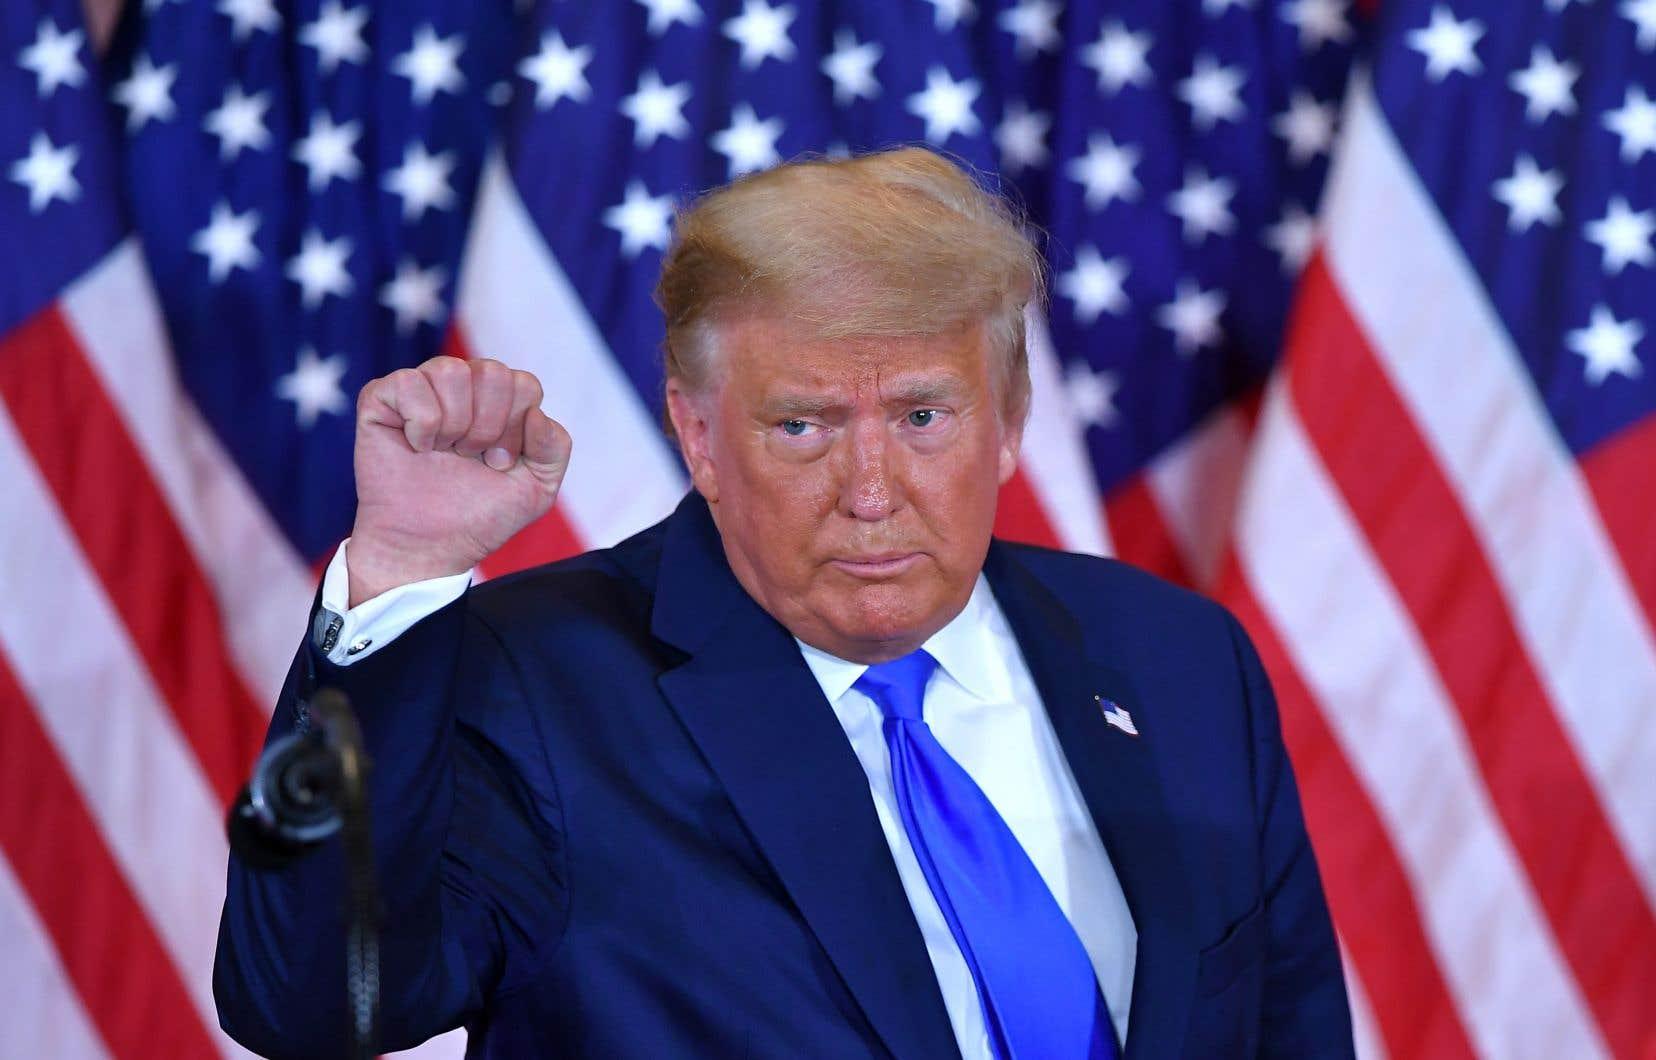 Les accusations de Donald Trump ont prospéré dans un contexte propice, relève Wendy Schiller, professeure de sciences politiques à l'université Brown.